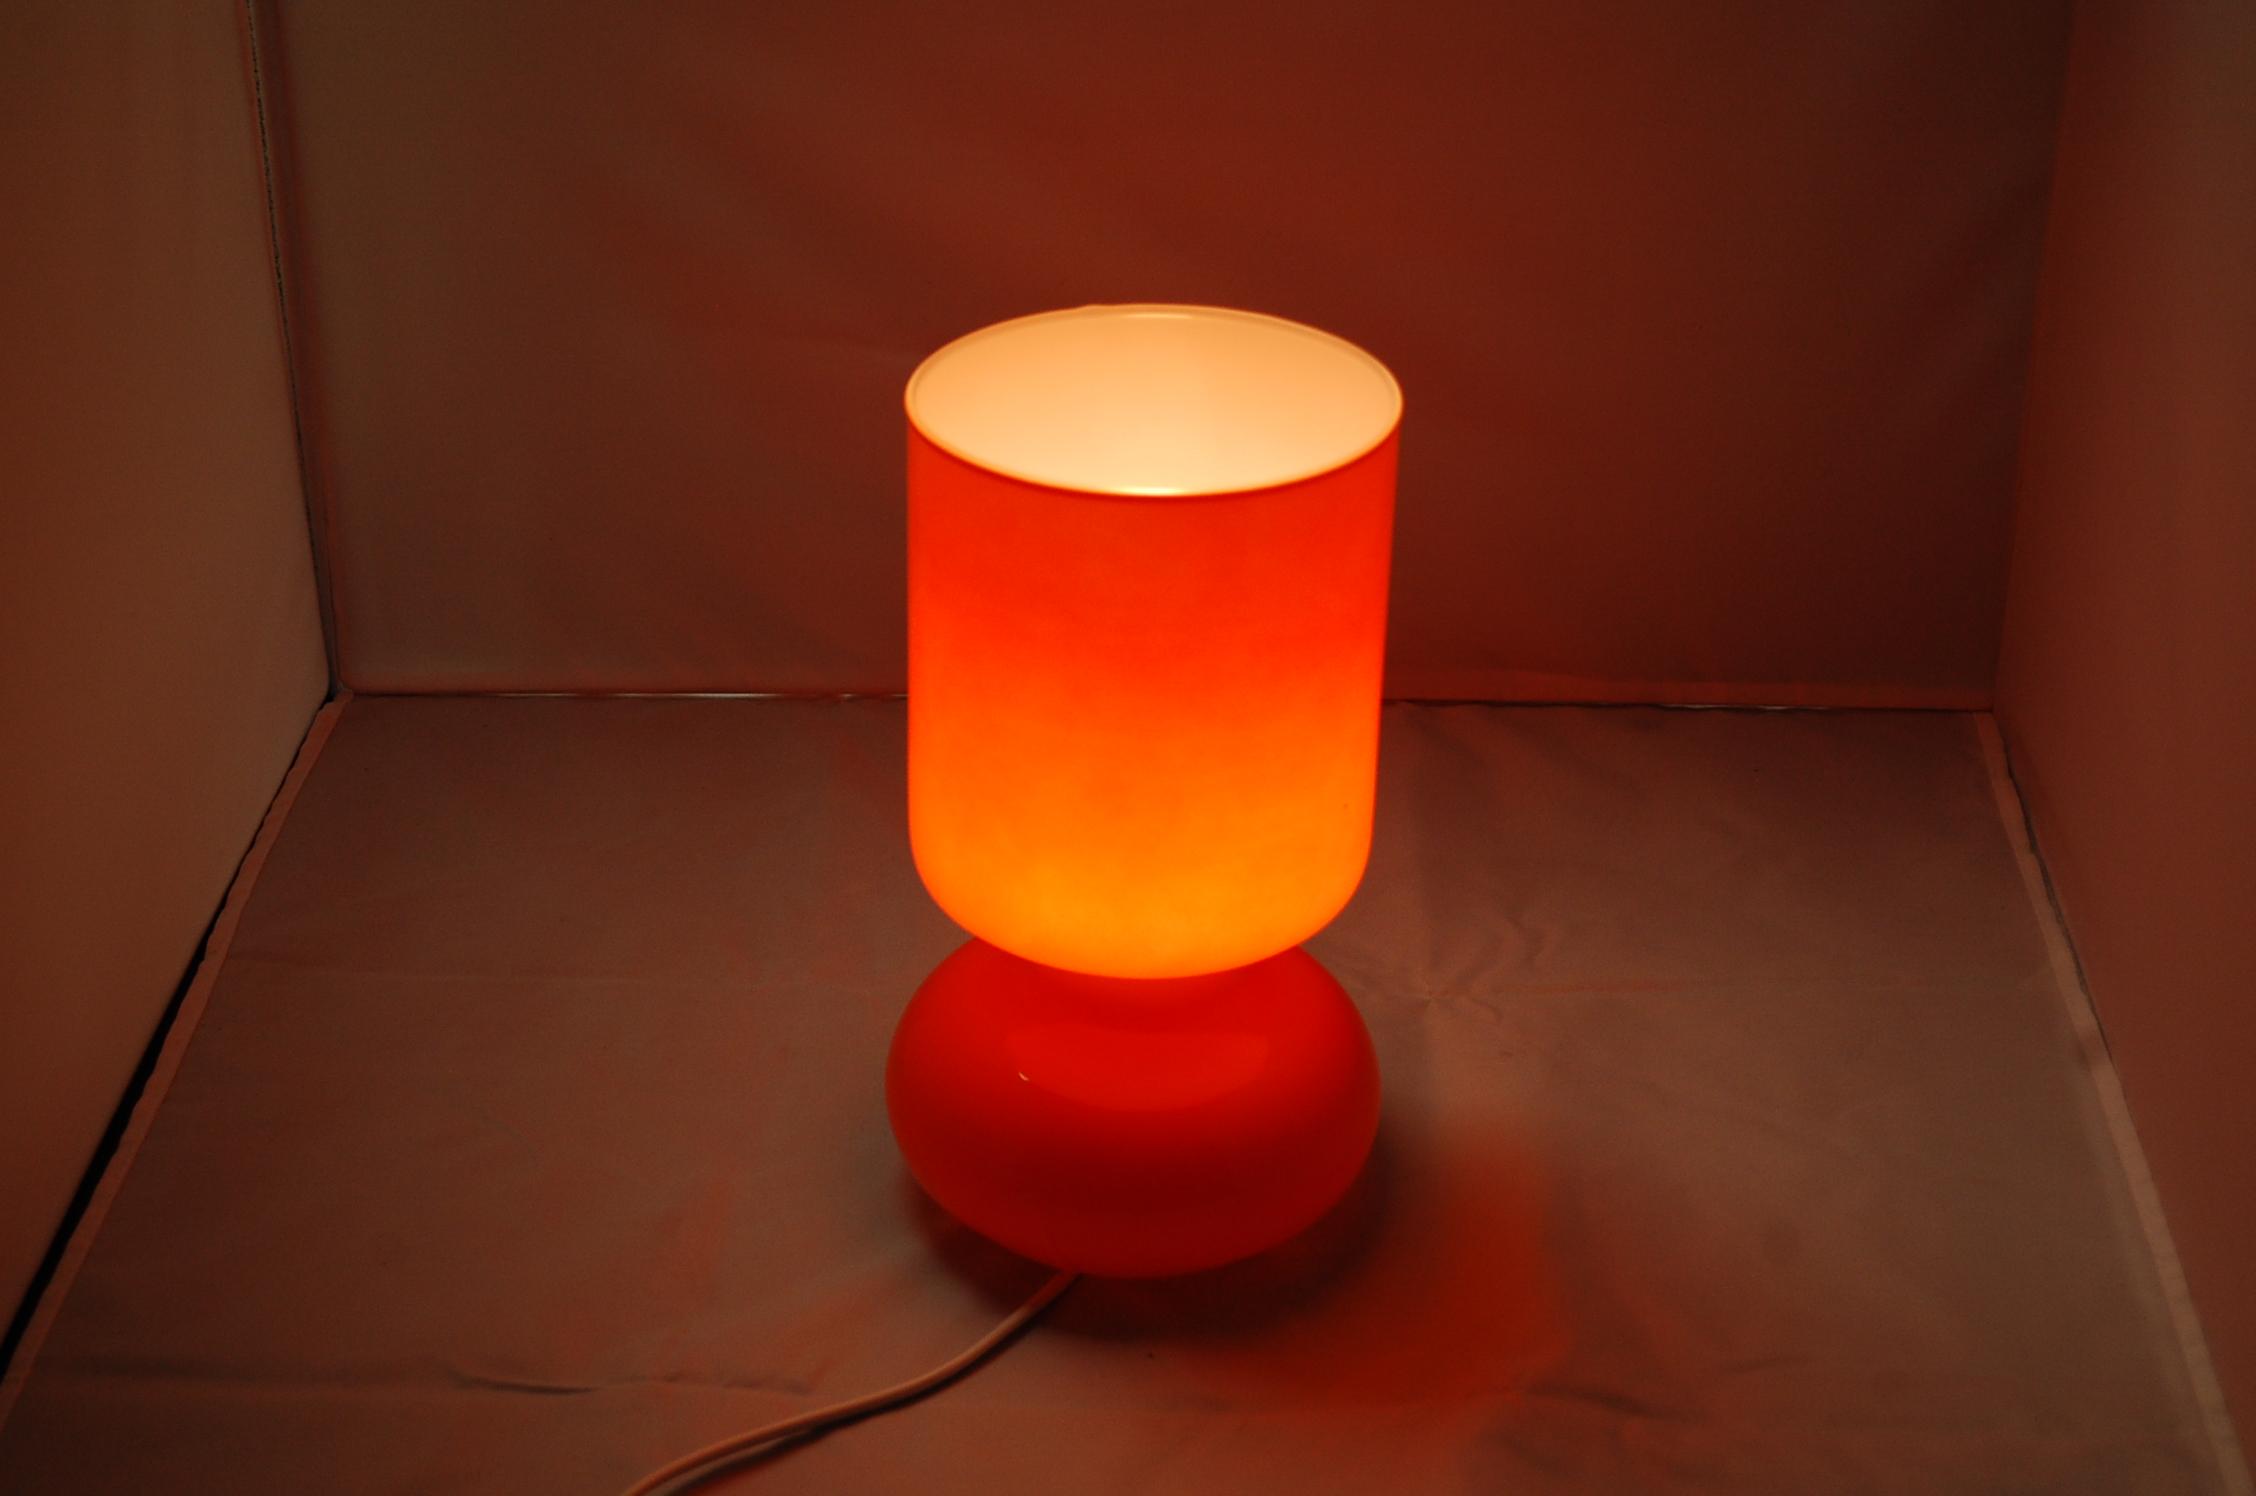 Tischlampe Retro Ikea Lykta Orange Allforsale Se Gebraucht